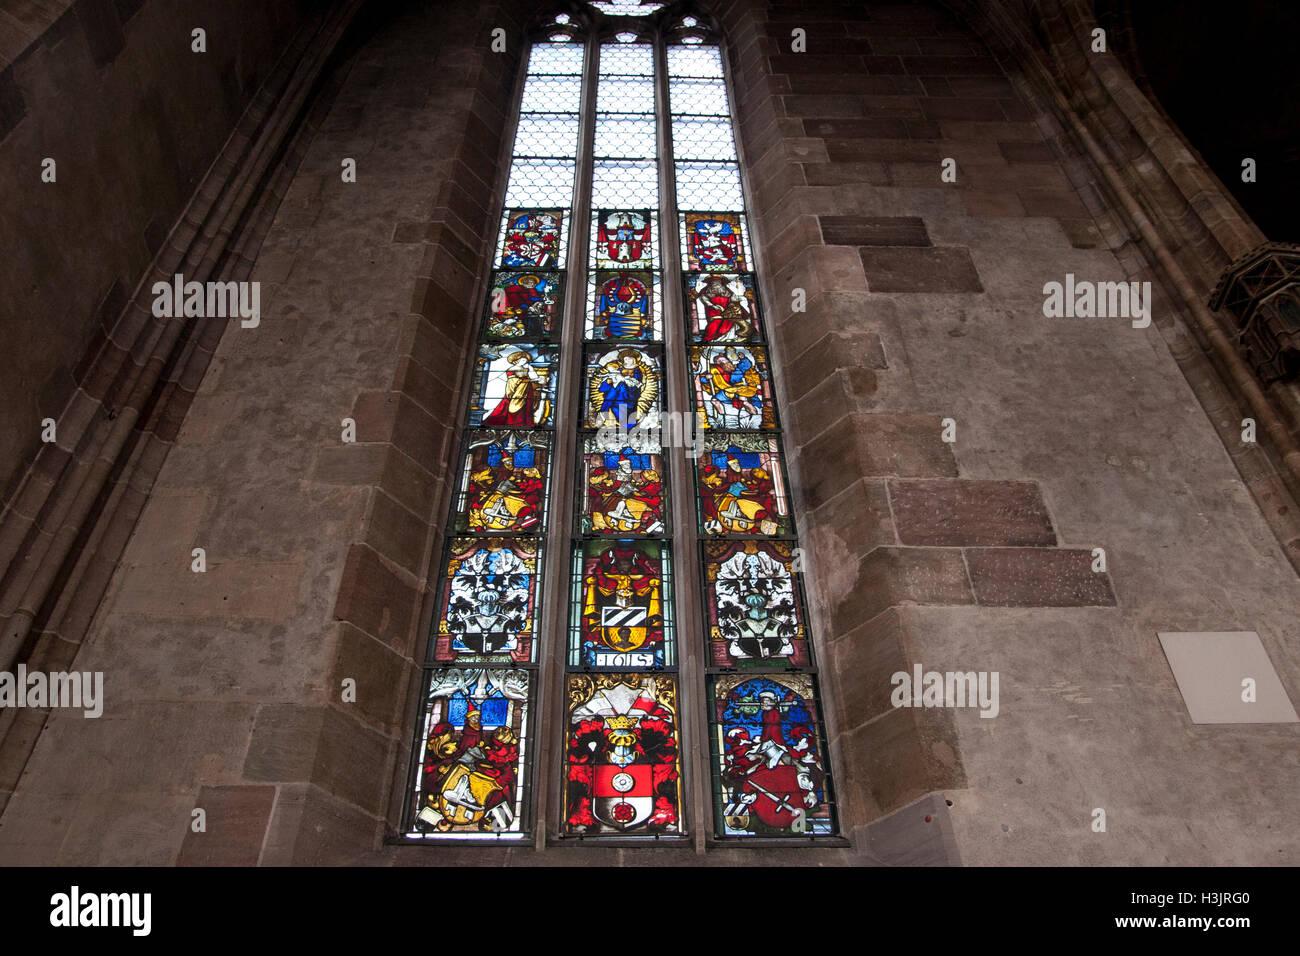 Frauenkirche Nuremberg Germany Stock Photo